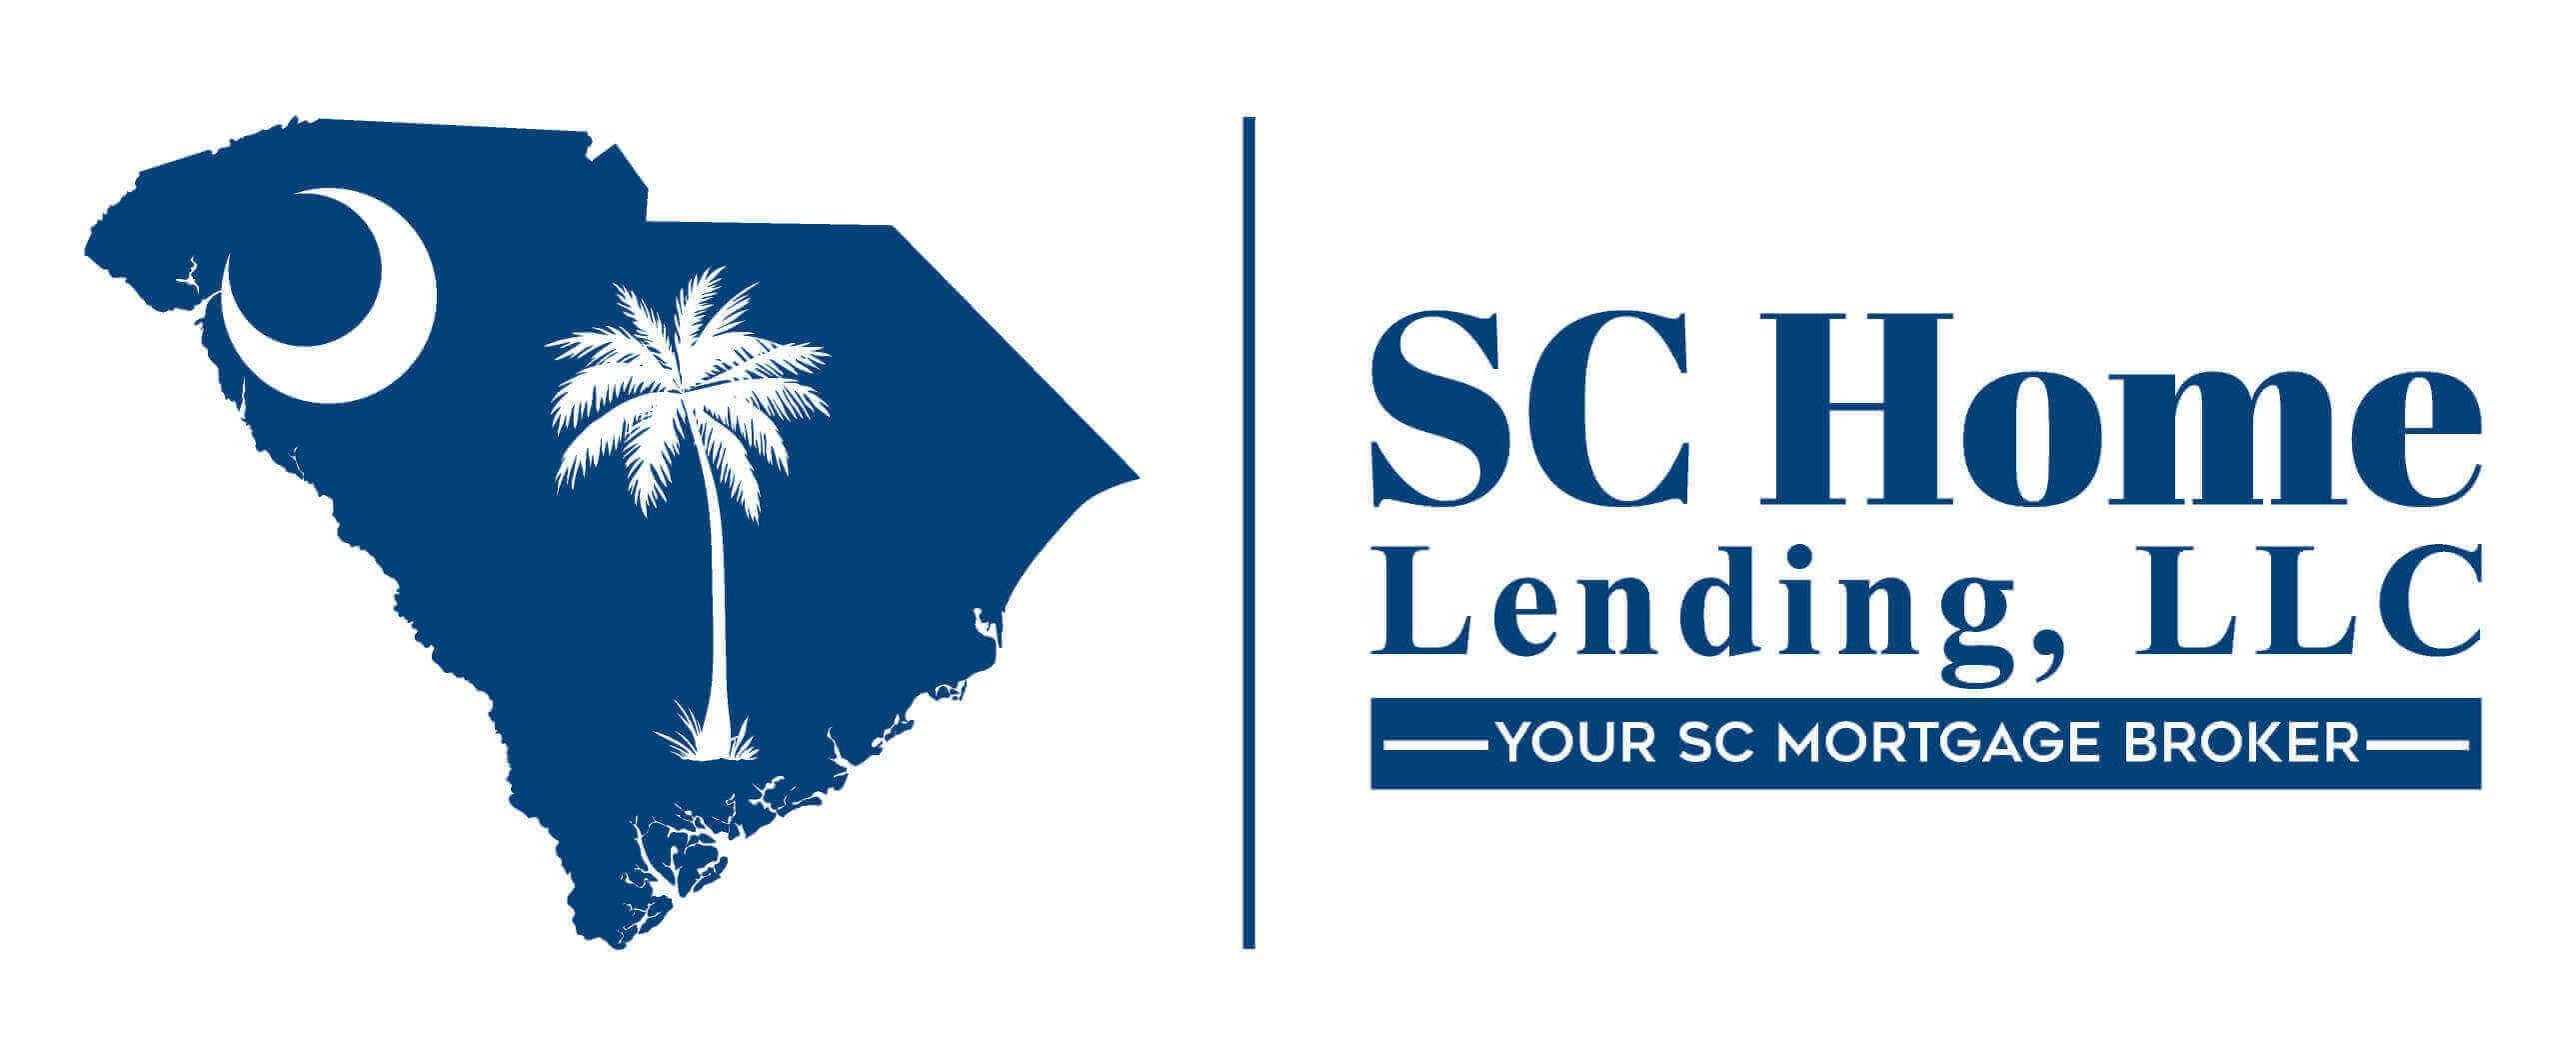 SC Home Lending, LLC